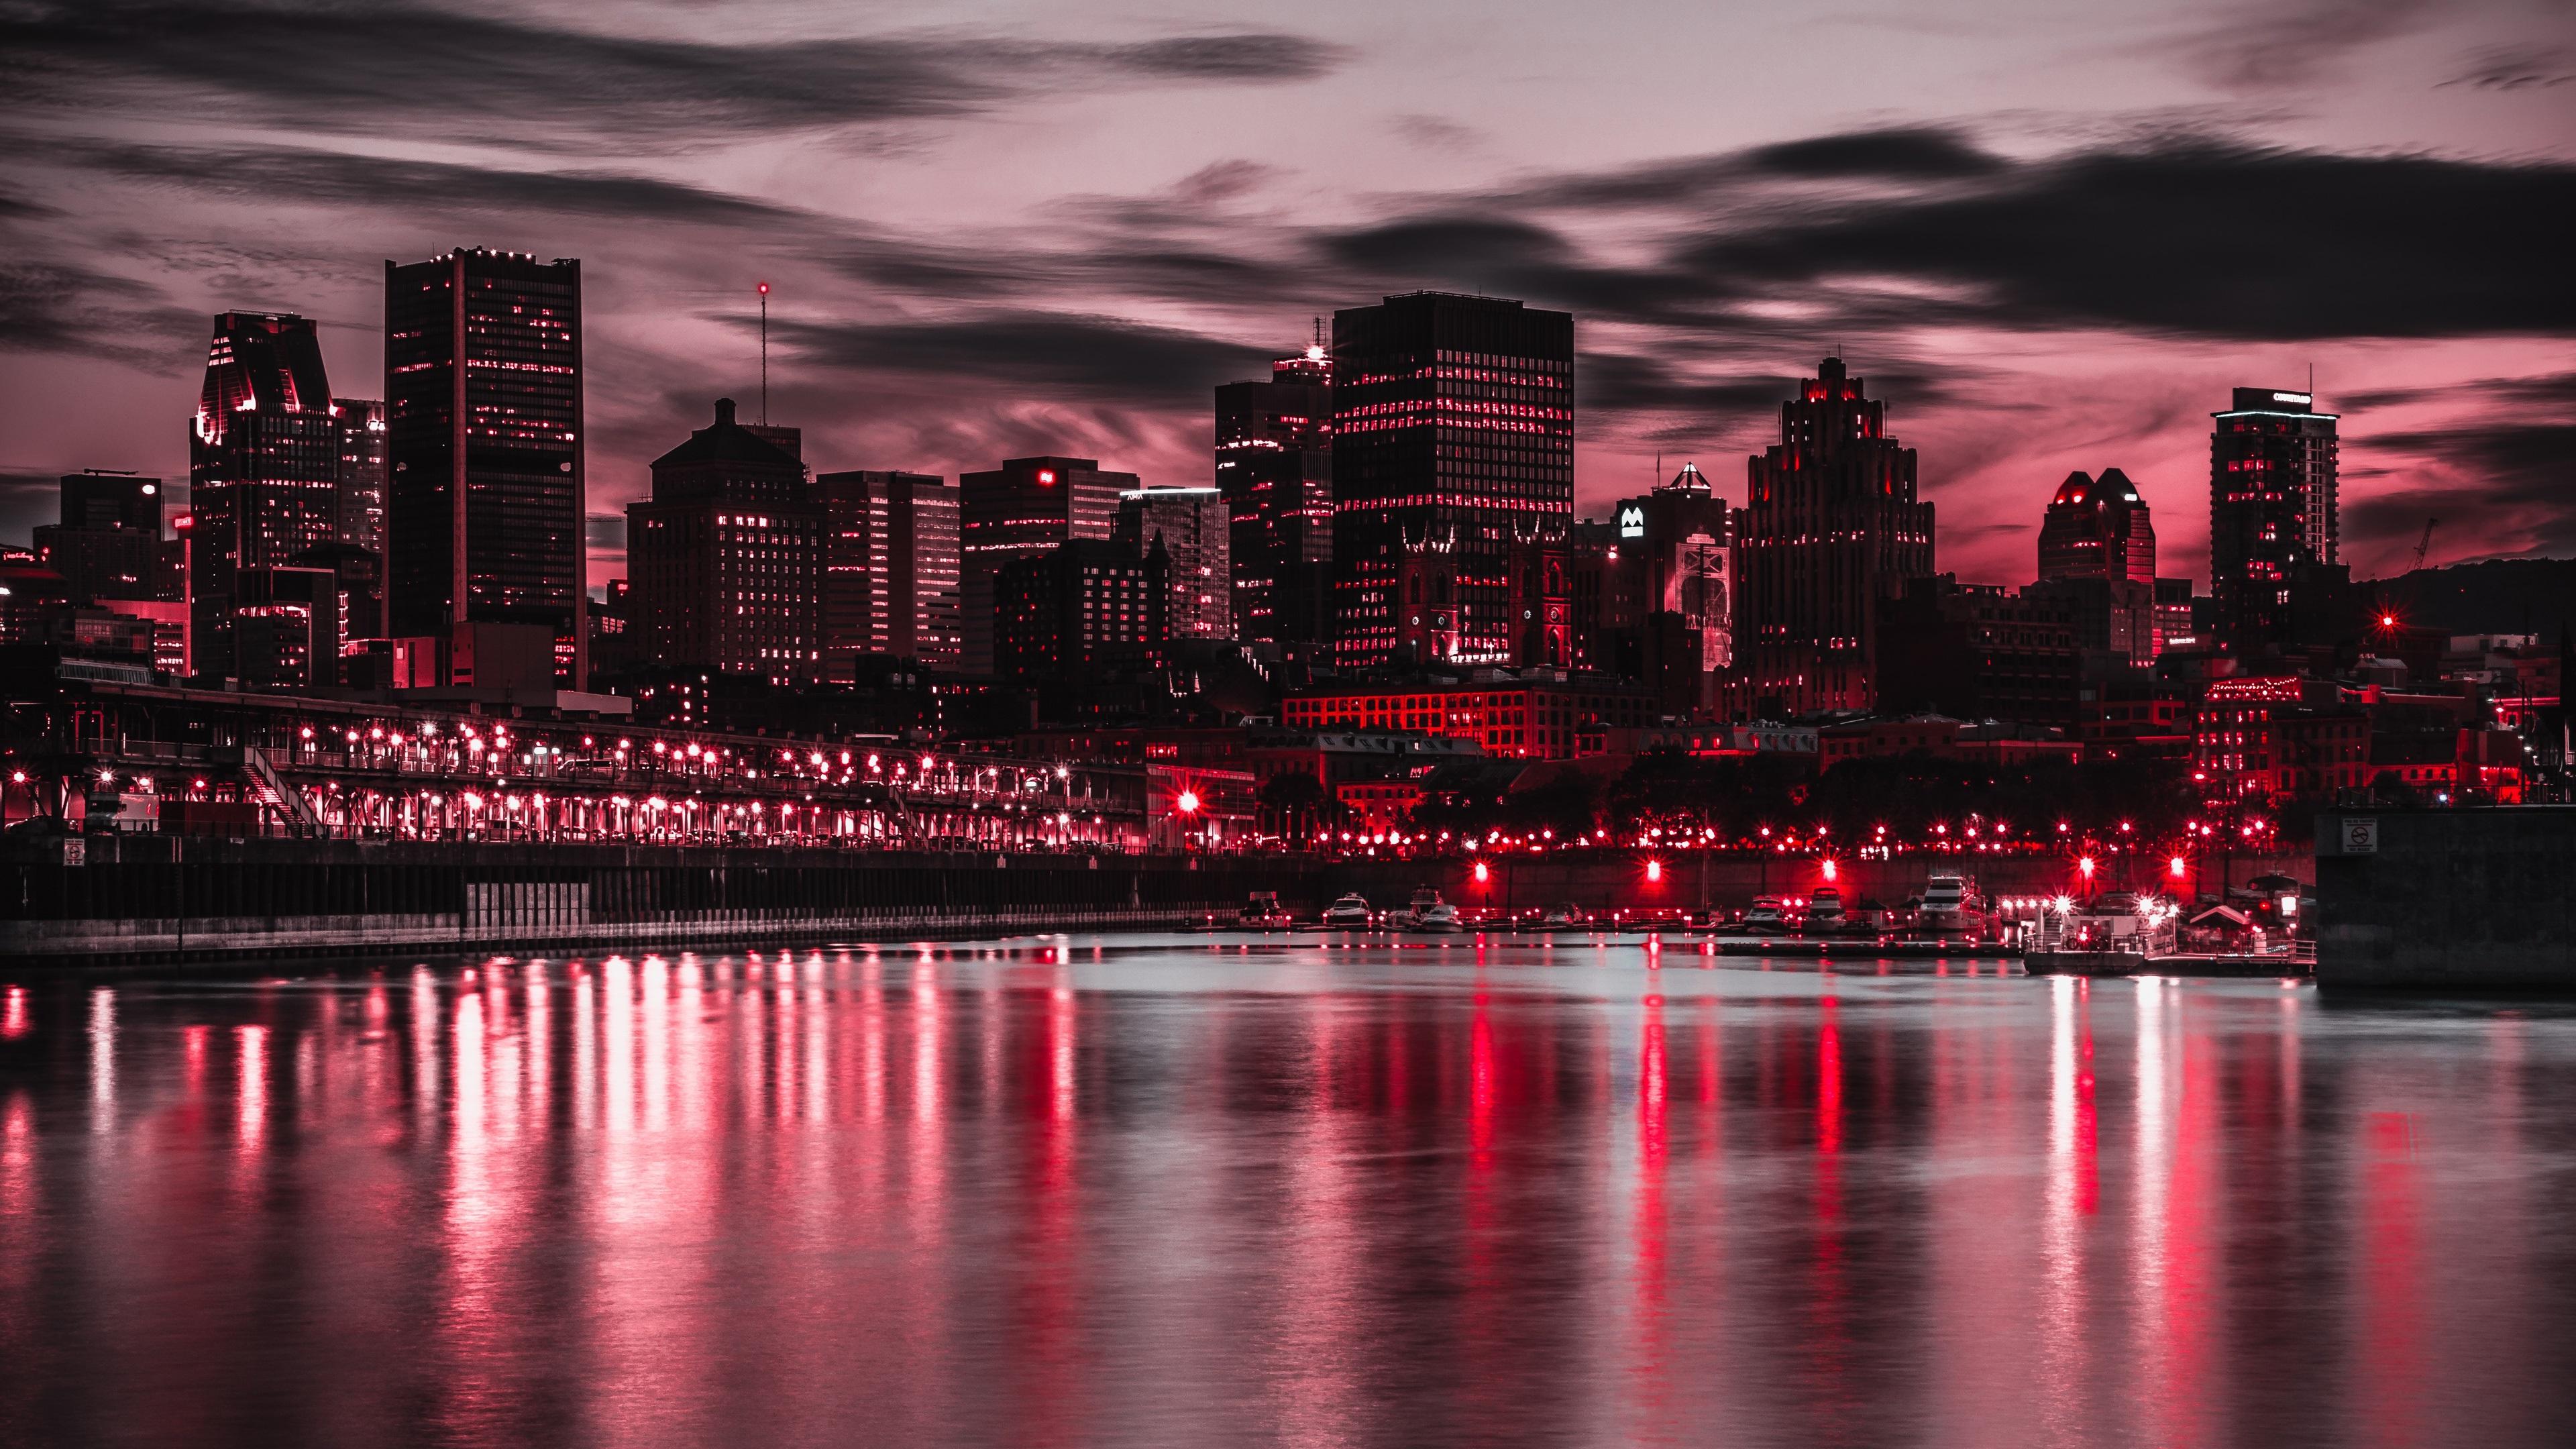 Ночной город у берега в хорошем качестве